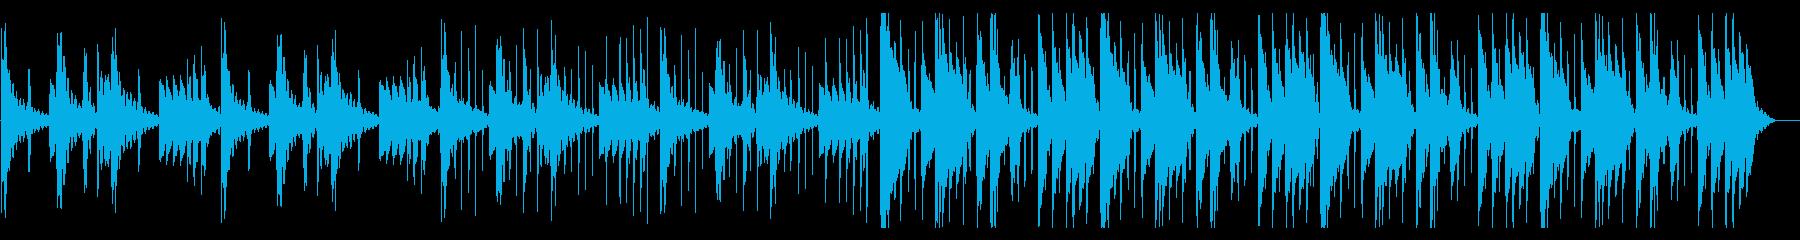 のんびりしたHiphop_No611_3の再生済みの波形